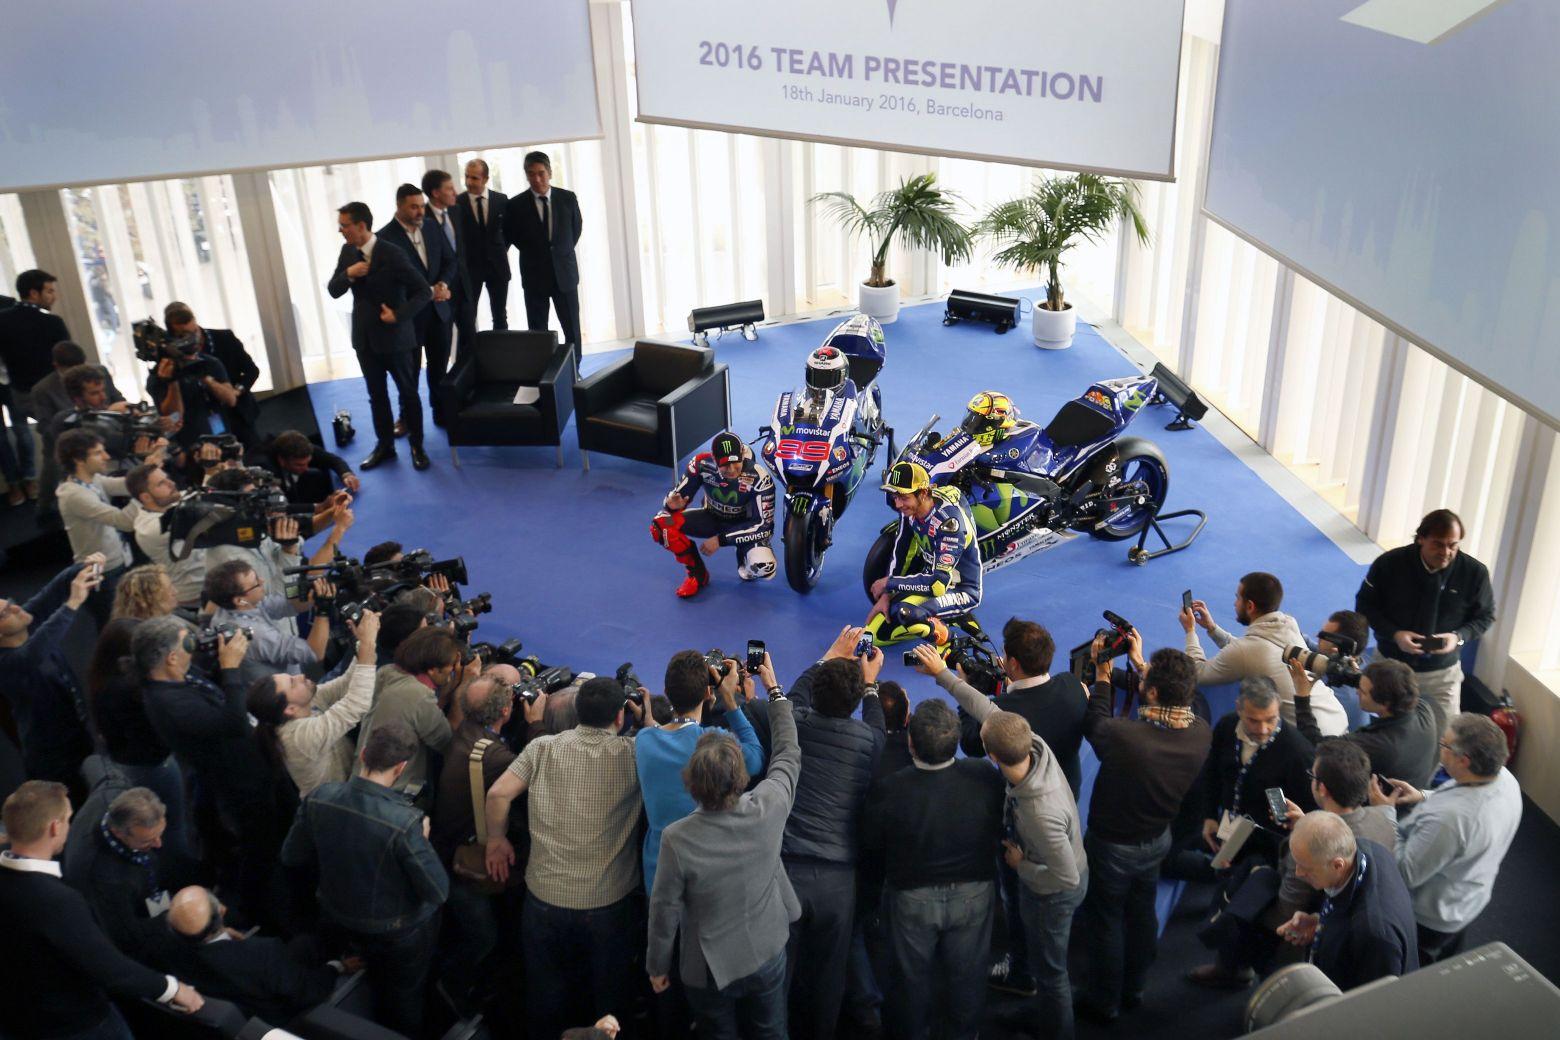 Лоренсо и Росси на презентации Movistar Yamaha 2016